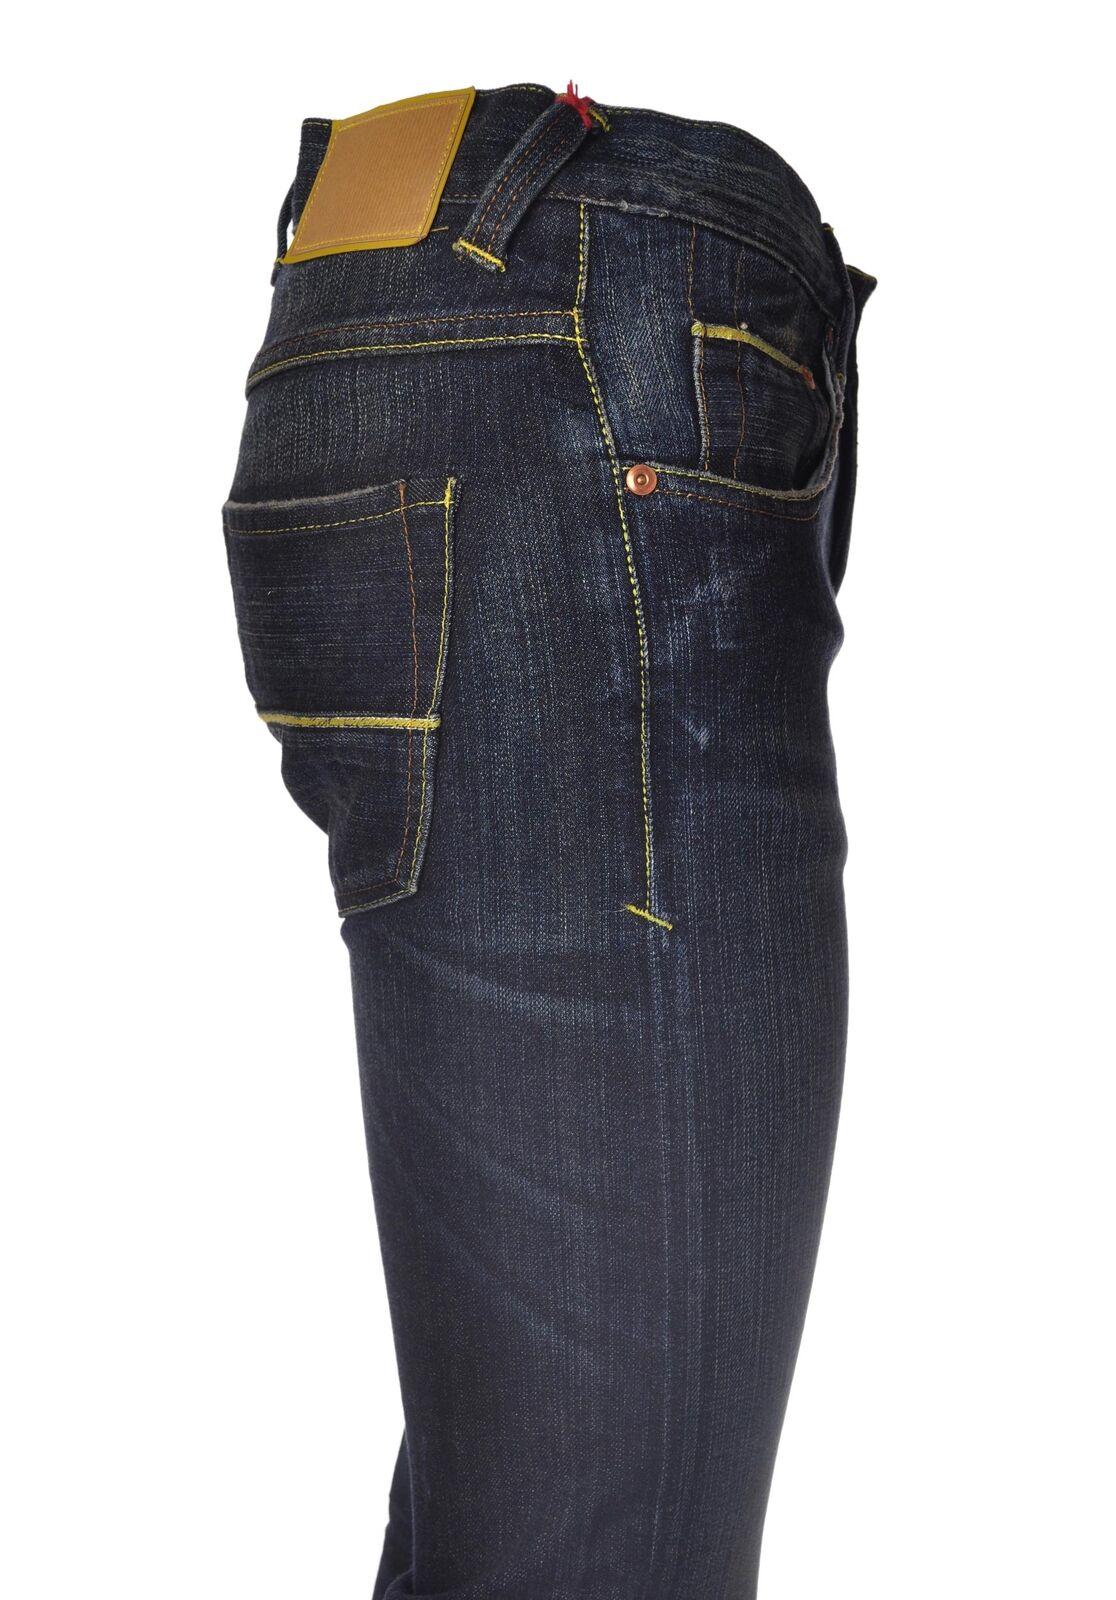 Care Label  -  Pantaloni - men - blue - 4503724A180749